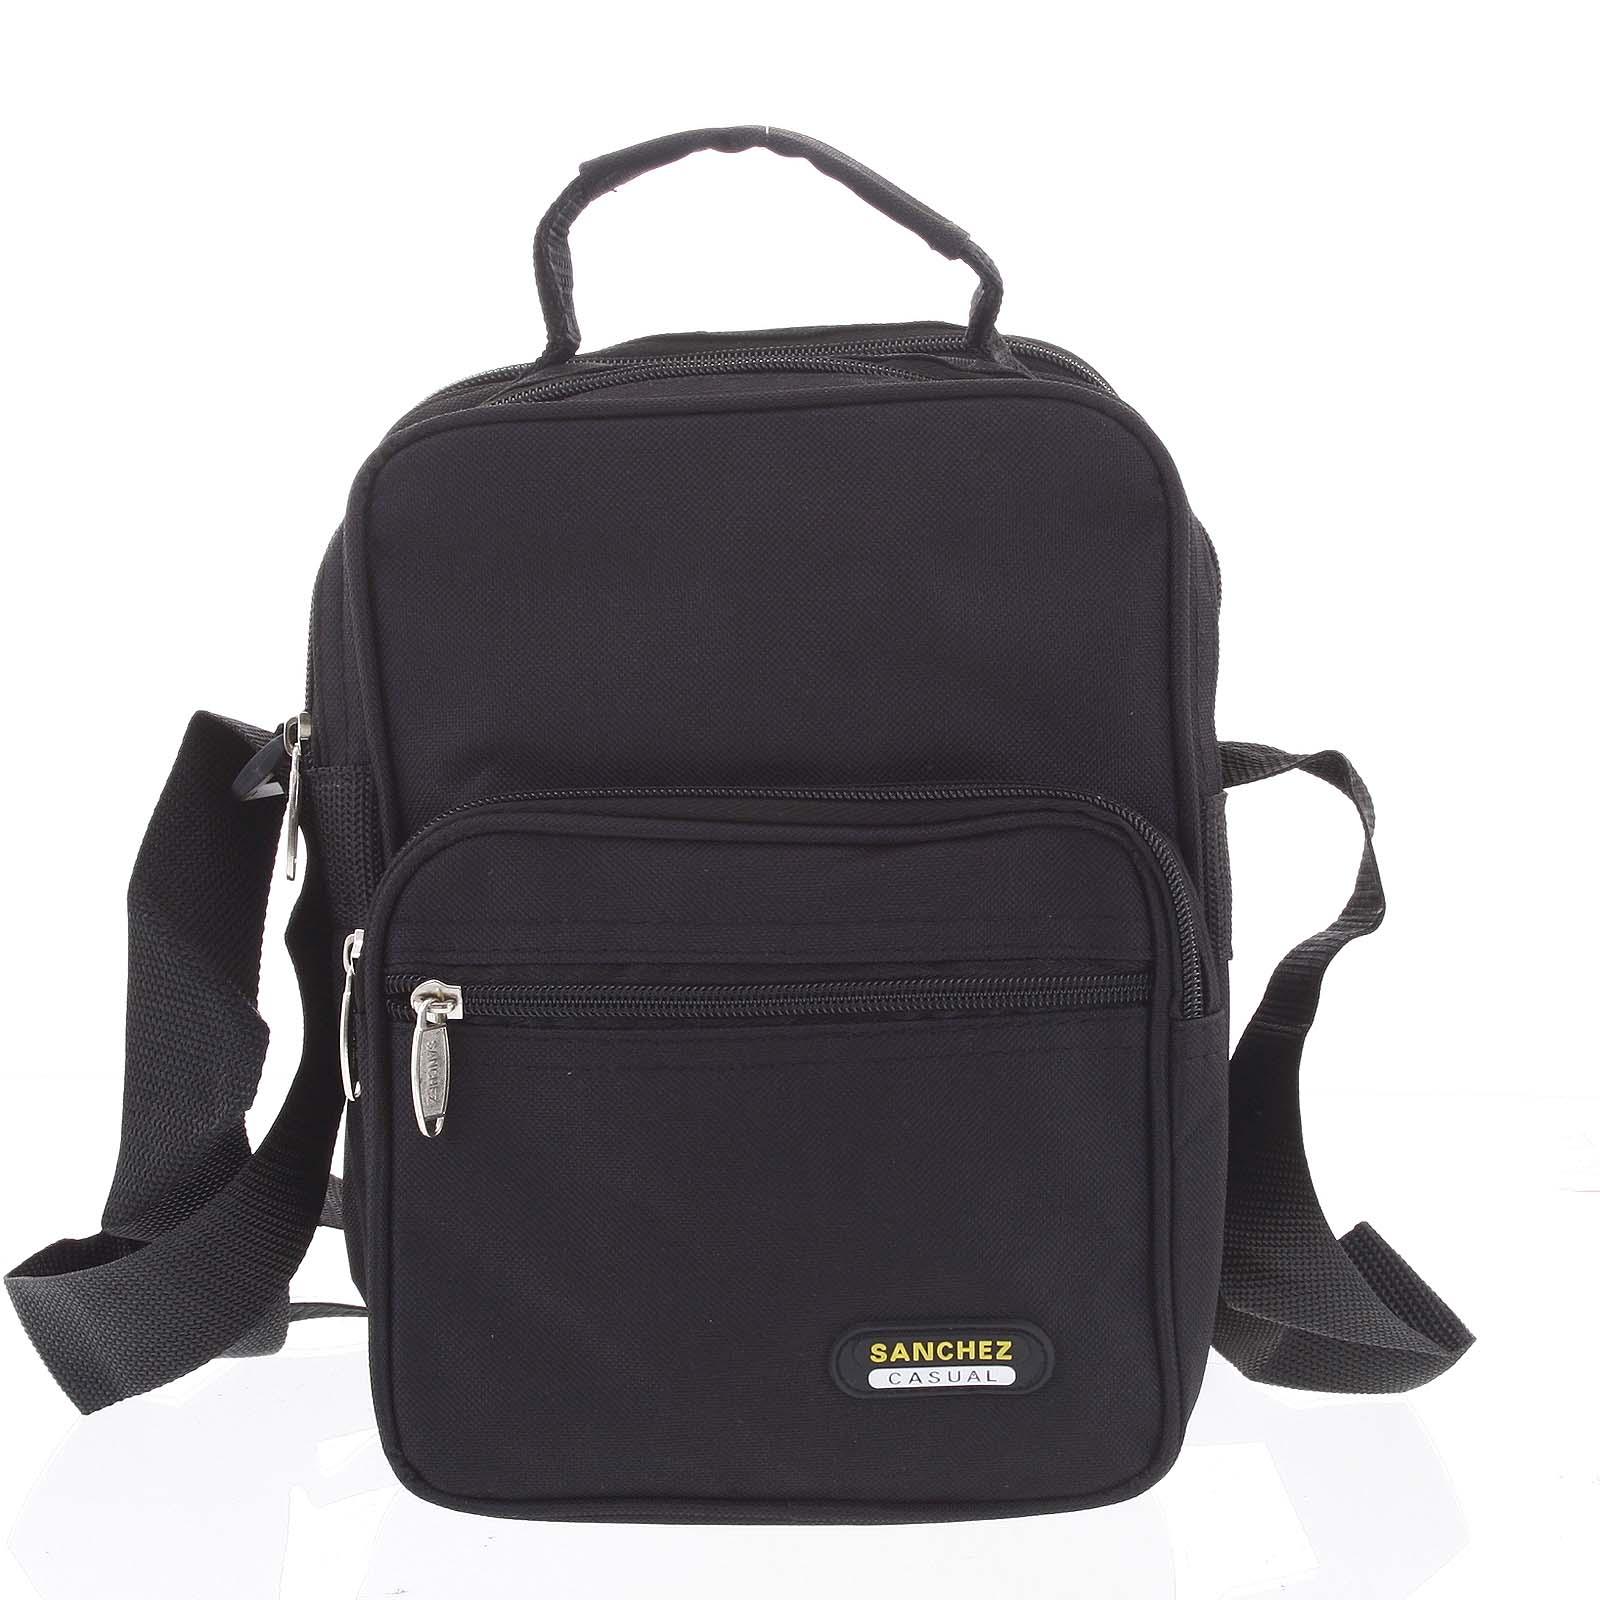 Menšia pánska látková čierna taška cez rameno - Sanchez Torbos čierna